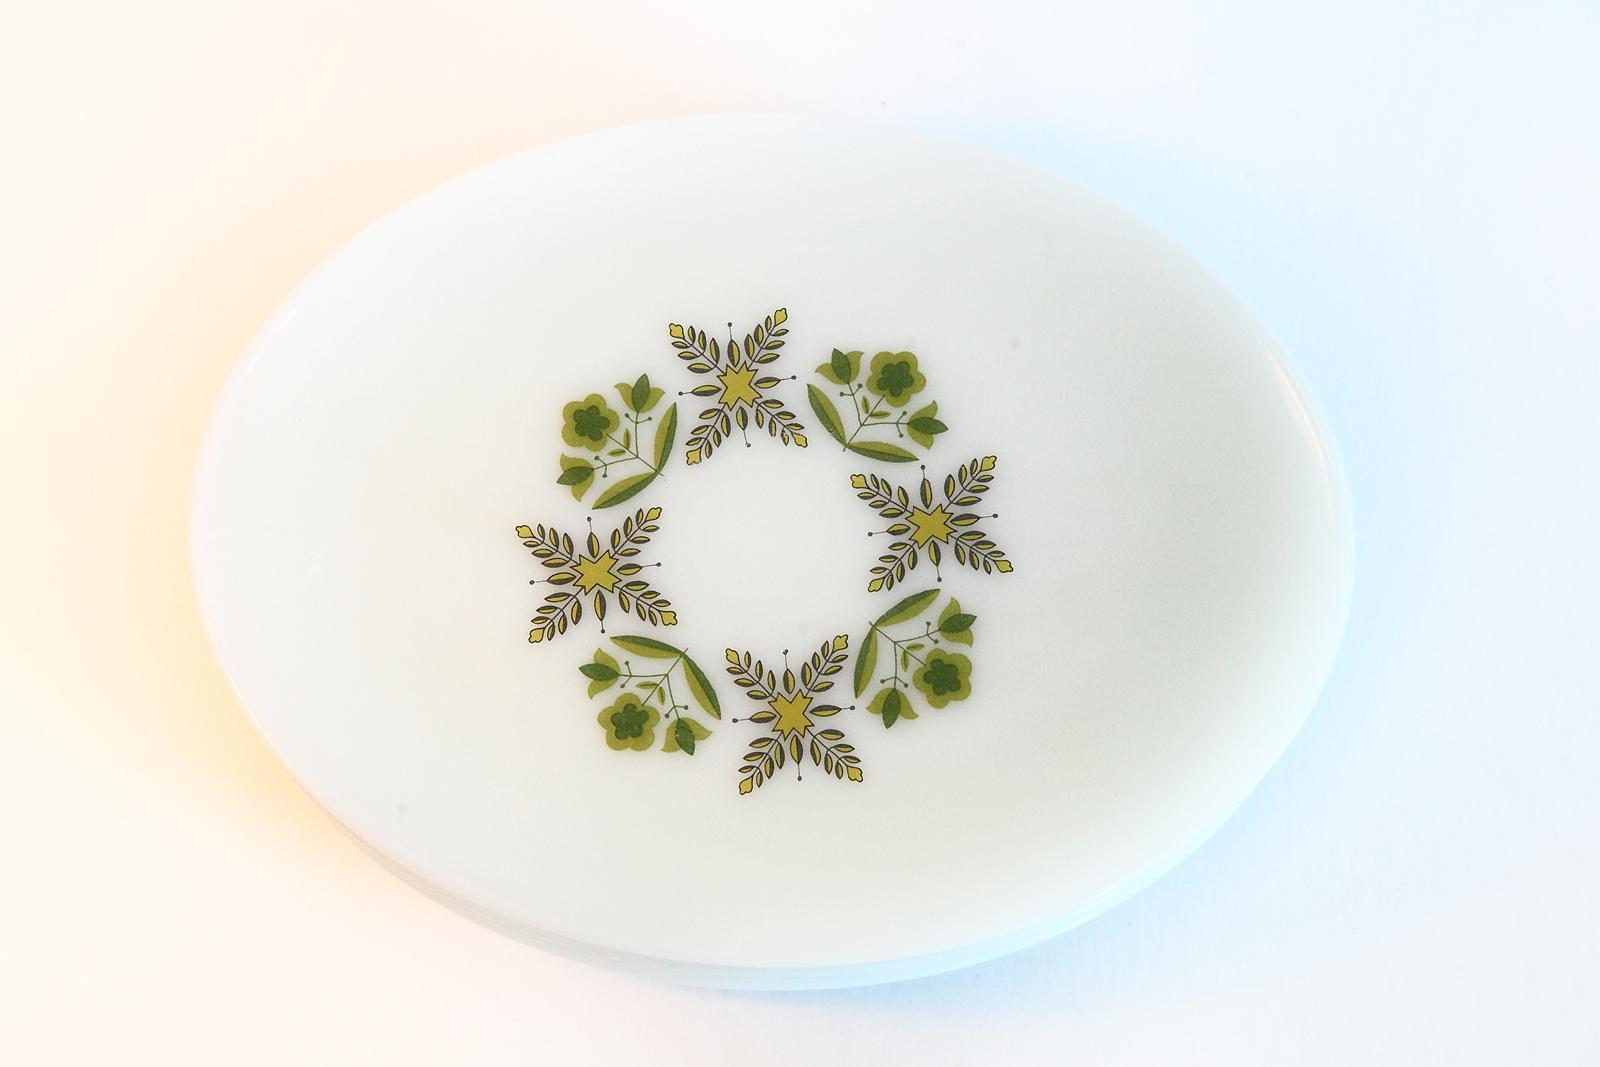 White Milk Glass Oval Dinner Plates - Set of 6 - Image 3 of 6  sc 1 st  Chairish & White Milk Glass Oval Dinner Plates - Set of 6 | Chairish